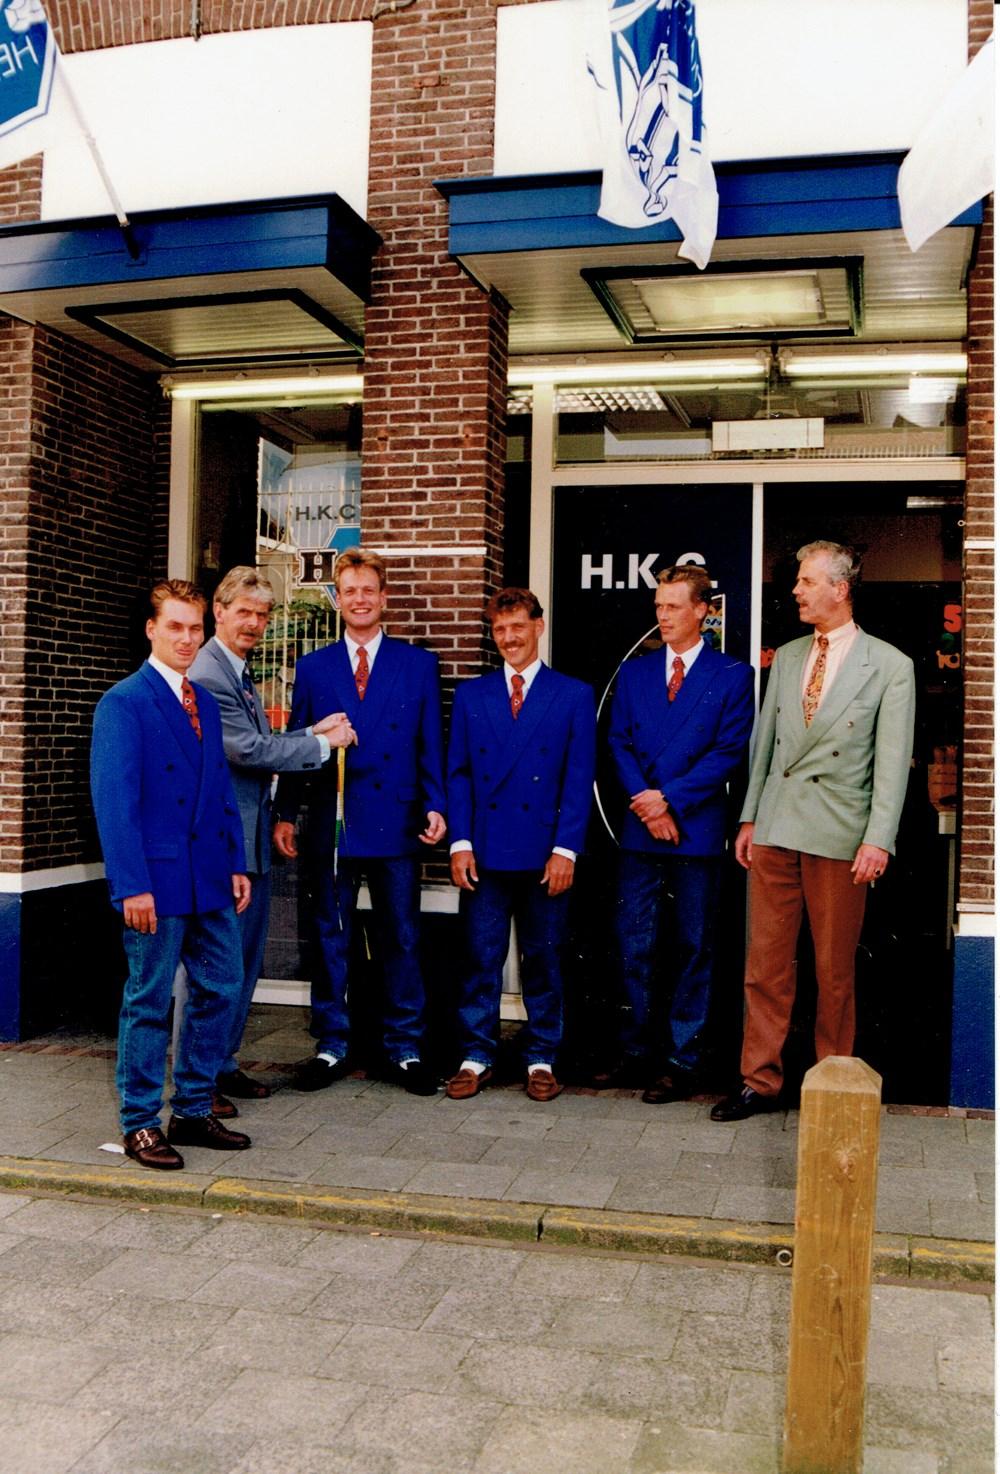 1993 Verenigingsleven Z.A.C.-selectie in nieuw kostuum